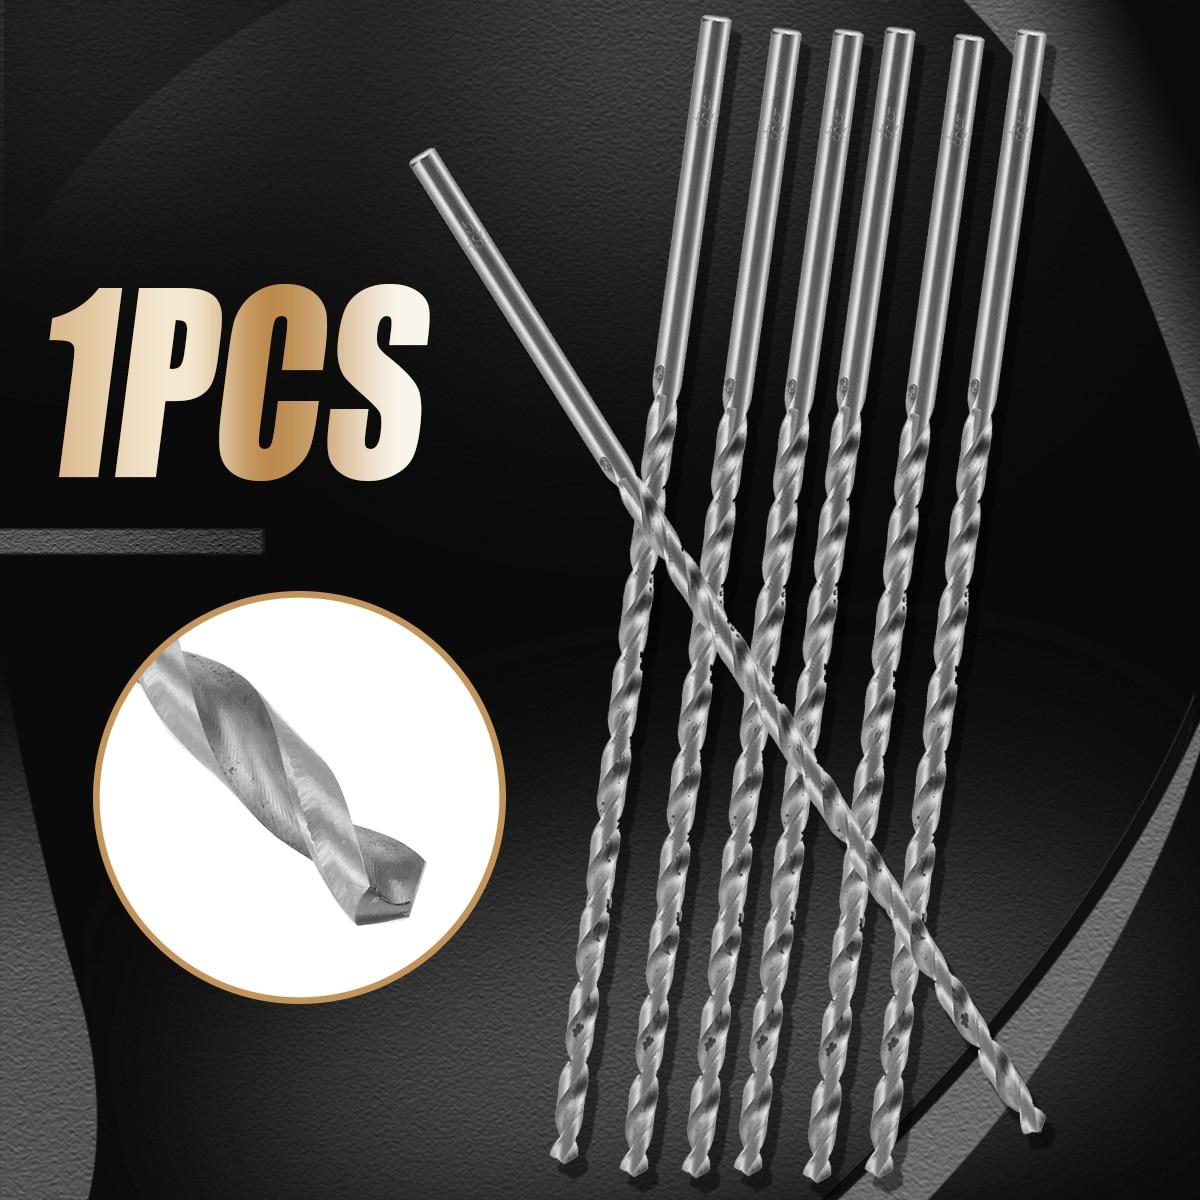 1 шт. 4-мм 10 мм HSS Твист Сверло Экстра длинные мм 200 мм прямой хвостовик Сверло для металла пластик мощность инструмент